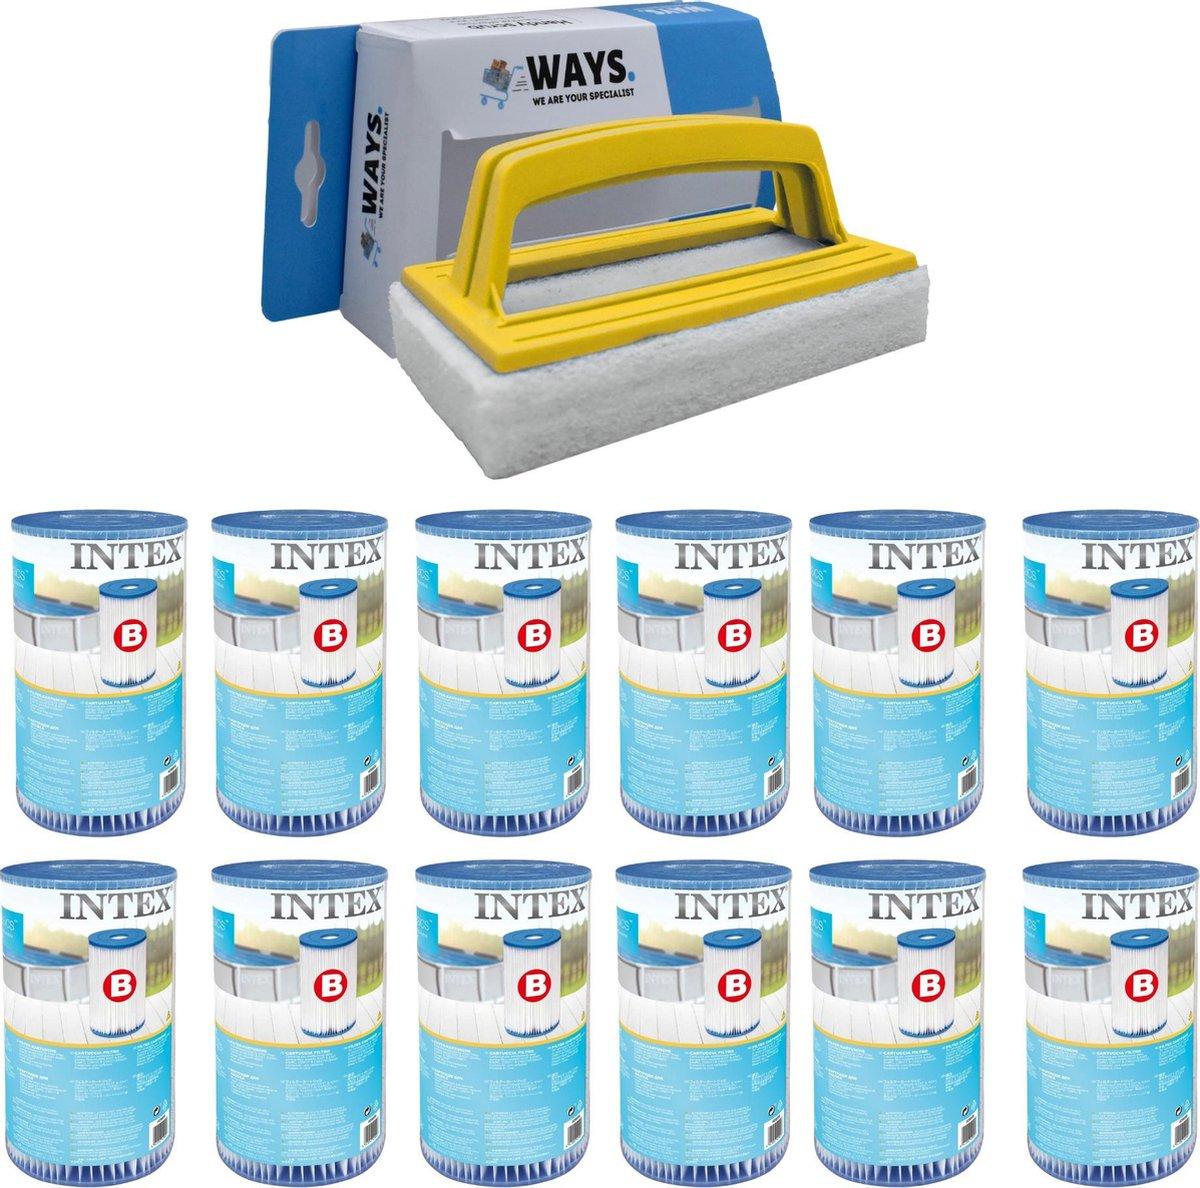 Intex - Filter type B - 12 stuks - Geschikt voor filterpomp 28634GS & WAYS scrubborstel